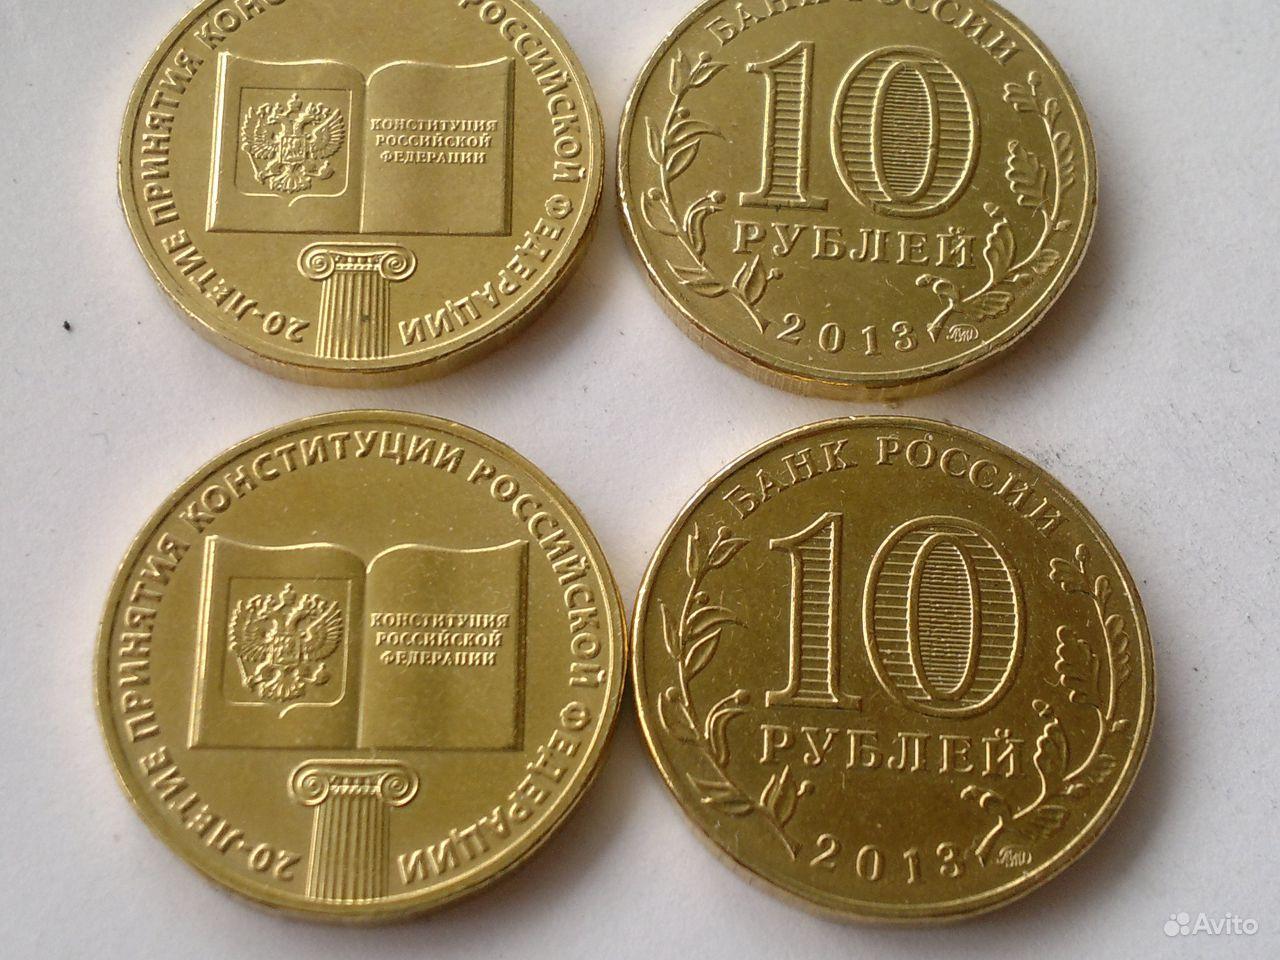 Купить юбилейные монеты 10 рублей серии древние города россии в интернет-магазине spbmoneta памятная юбилейная